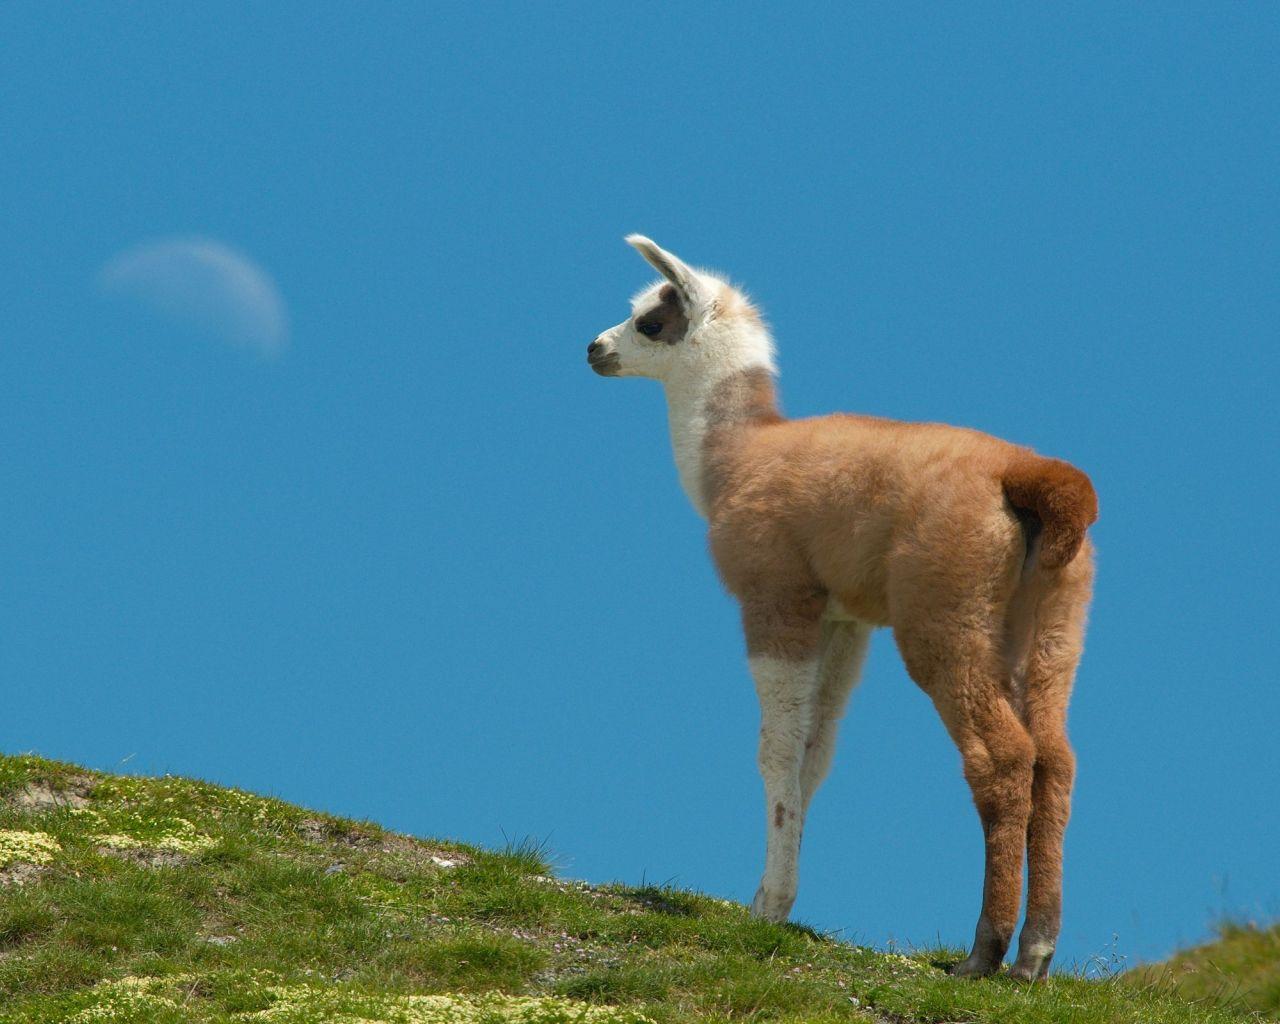 llama wallpaper   Quotekocom 1280x1024